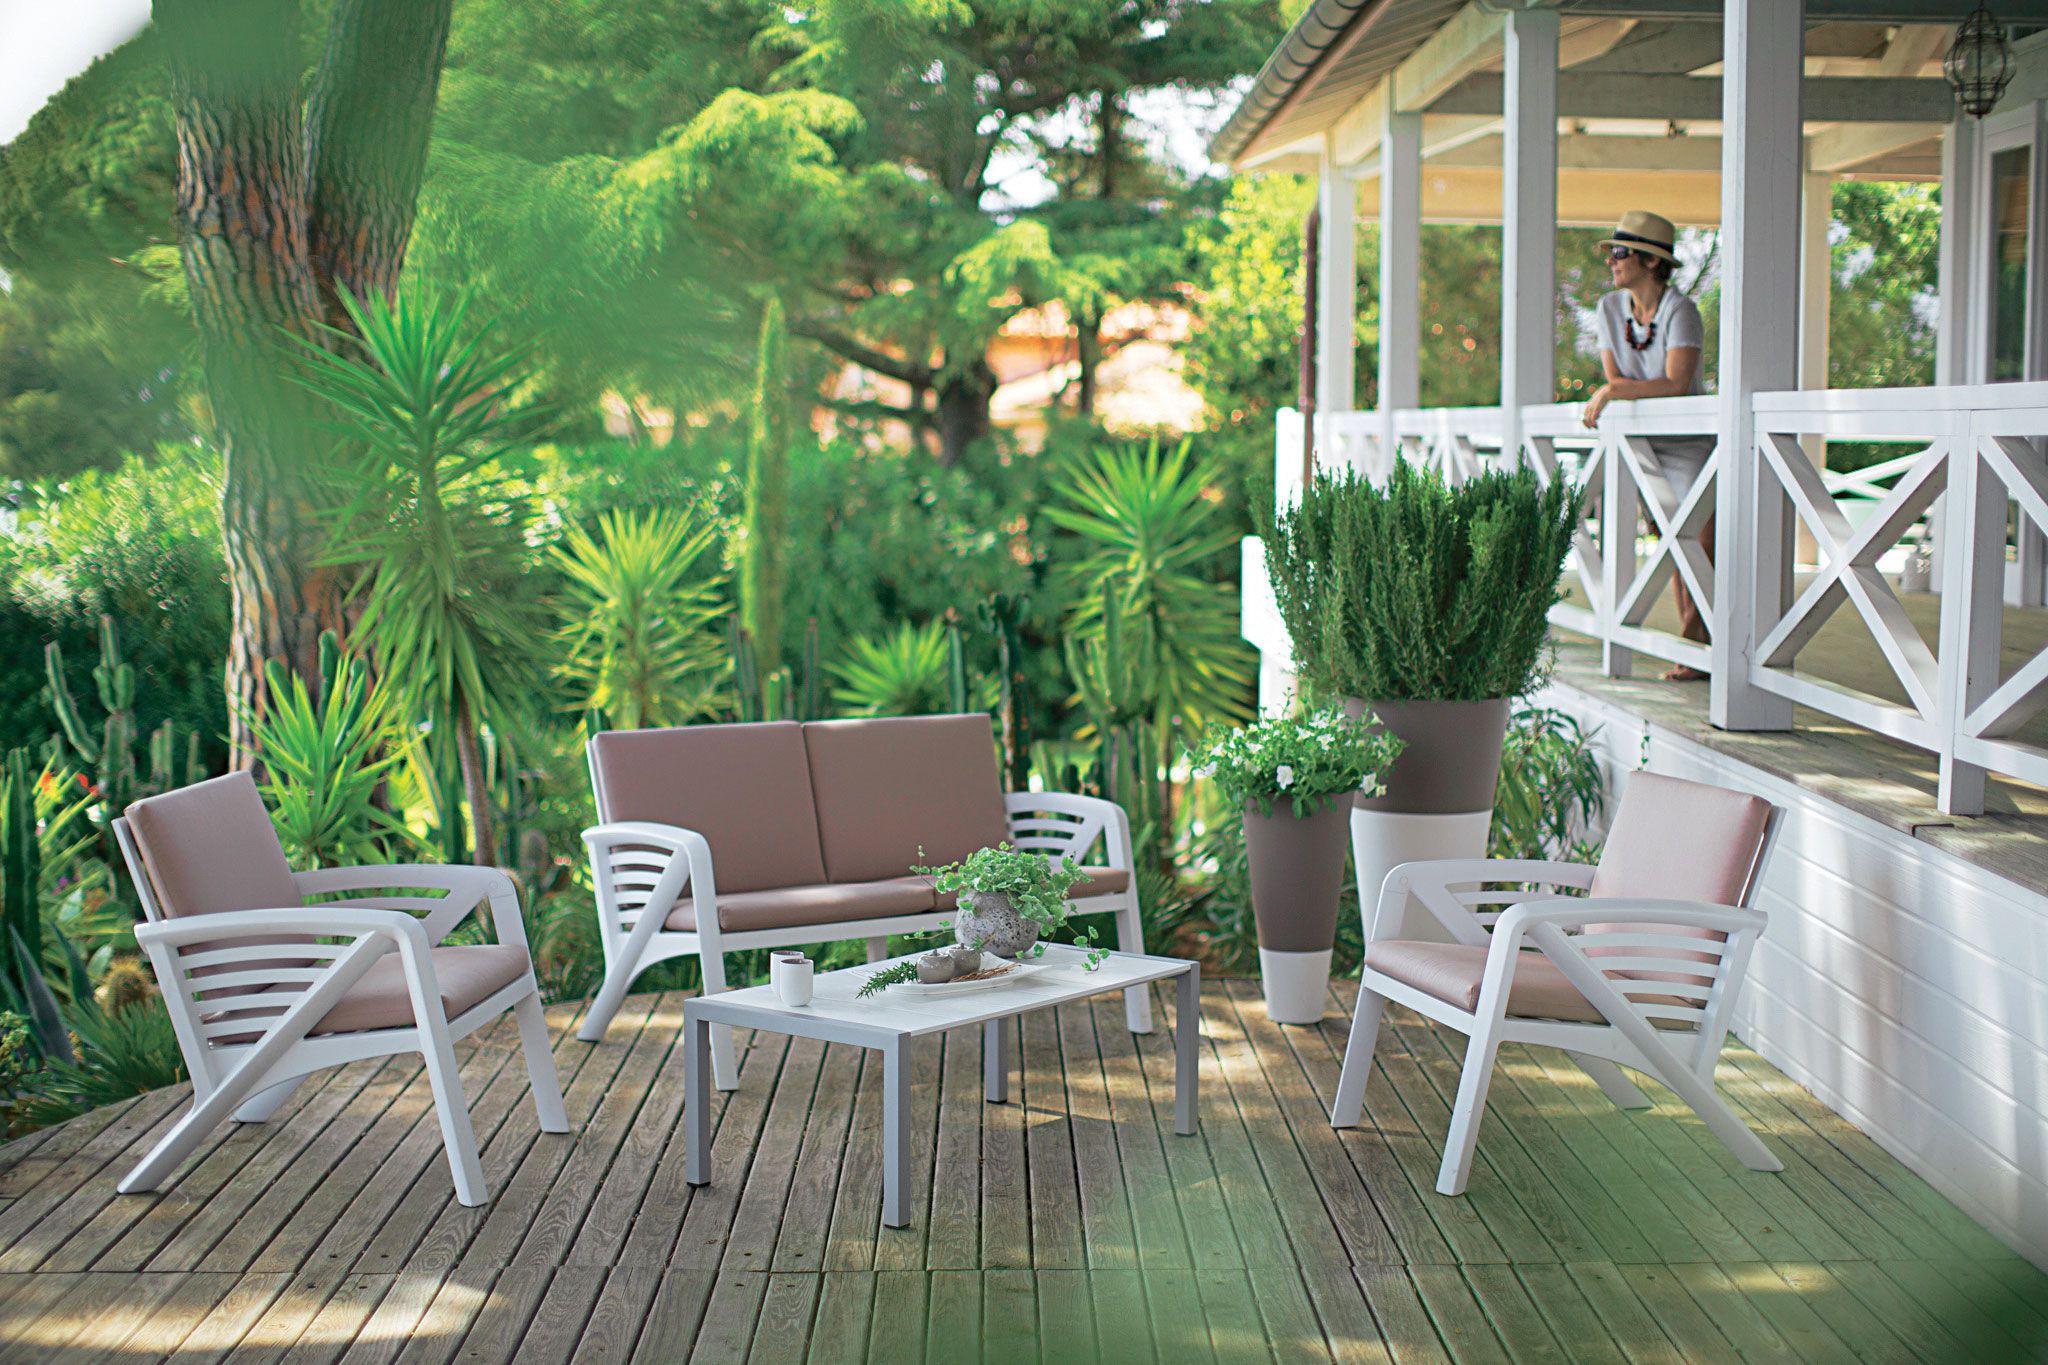 Mobilier De #jardin #truffaut | Salon De Jardin, Salon De ... intérieur Salon De Jardin Truffaut